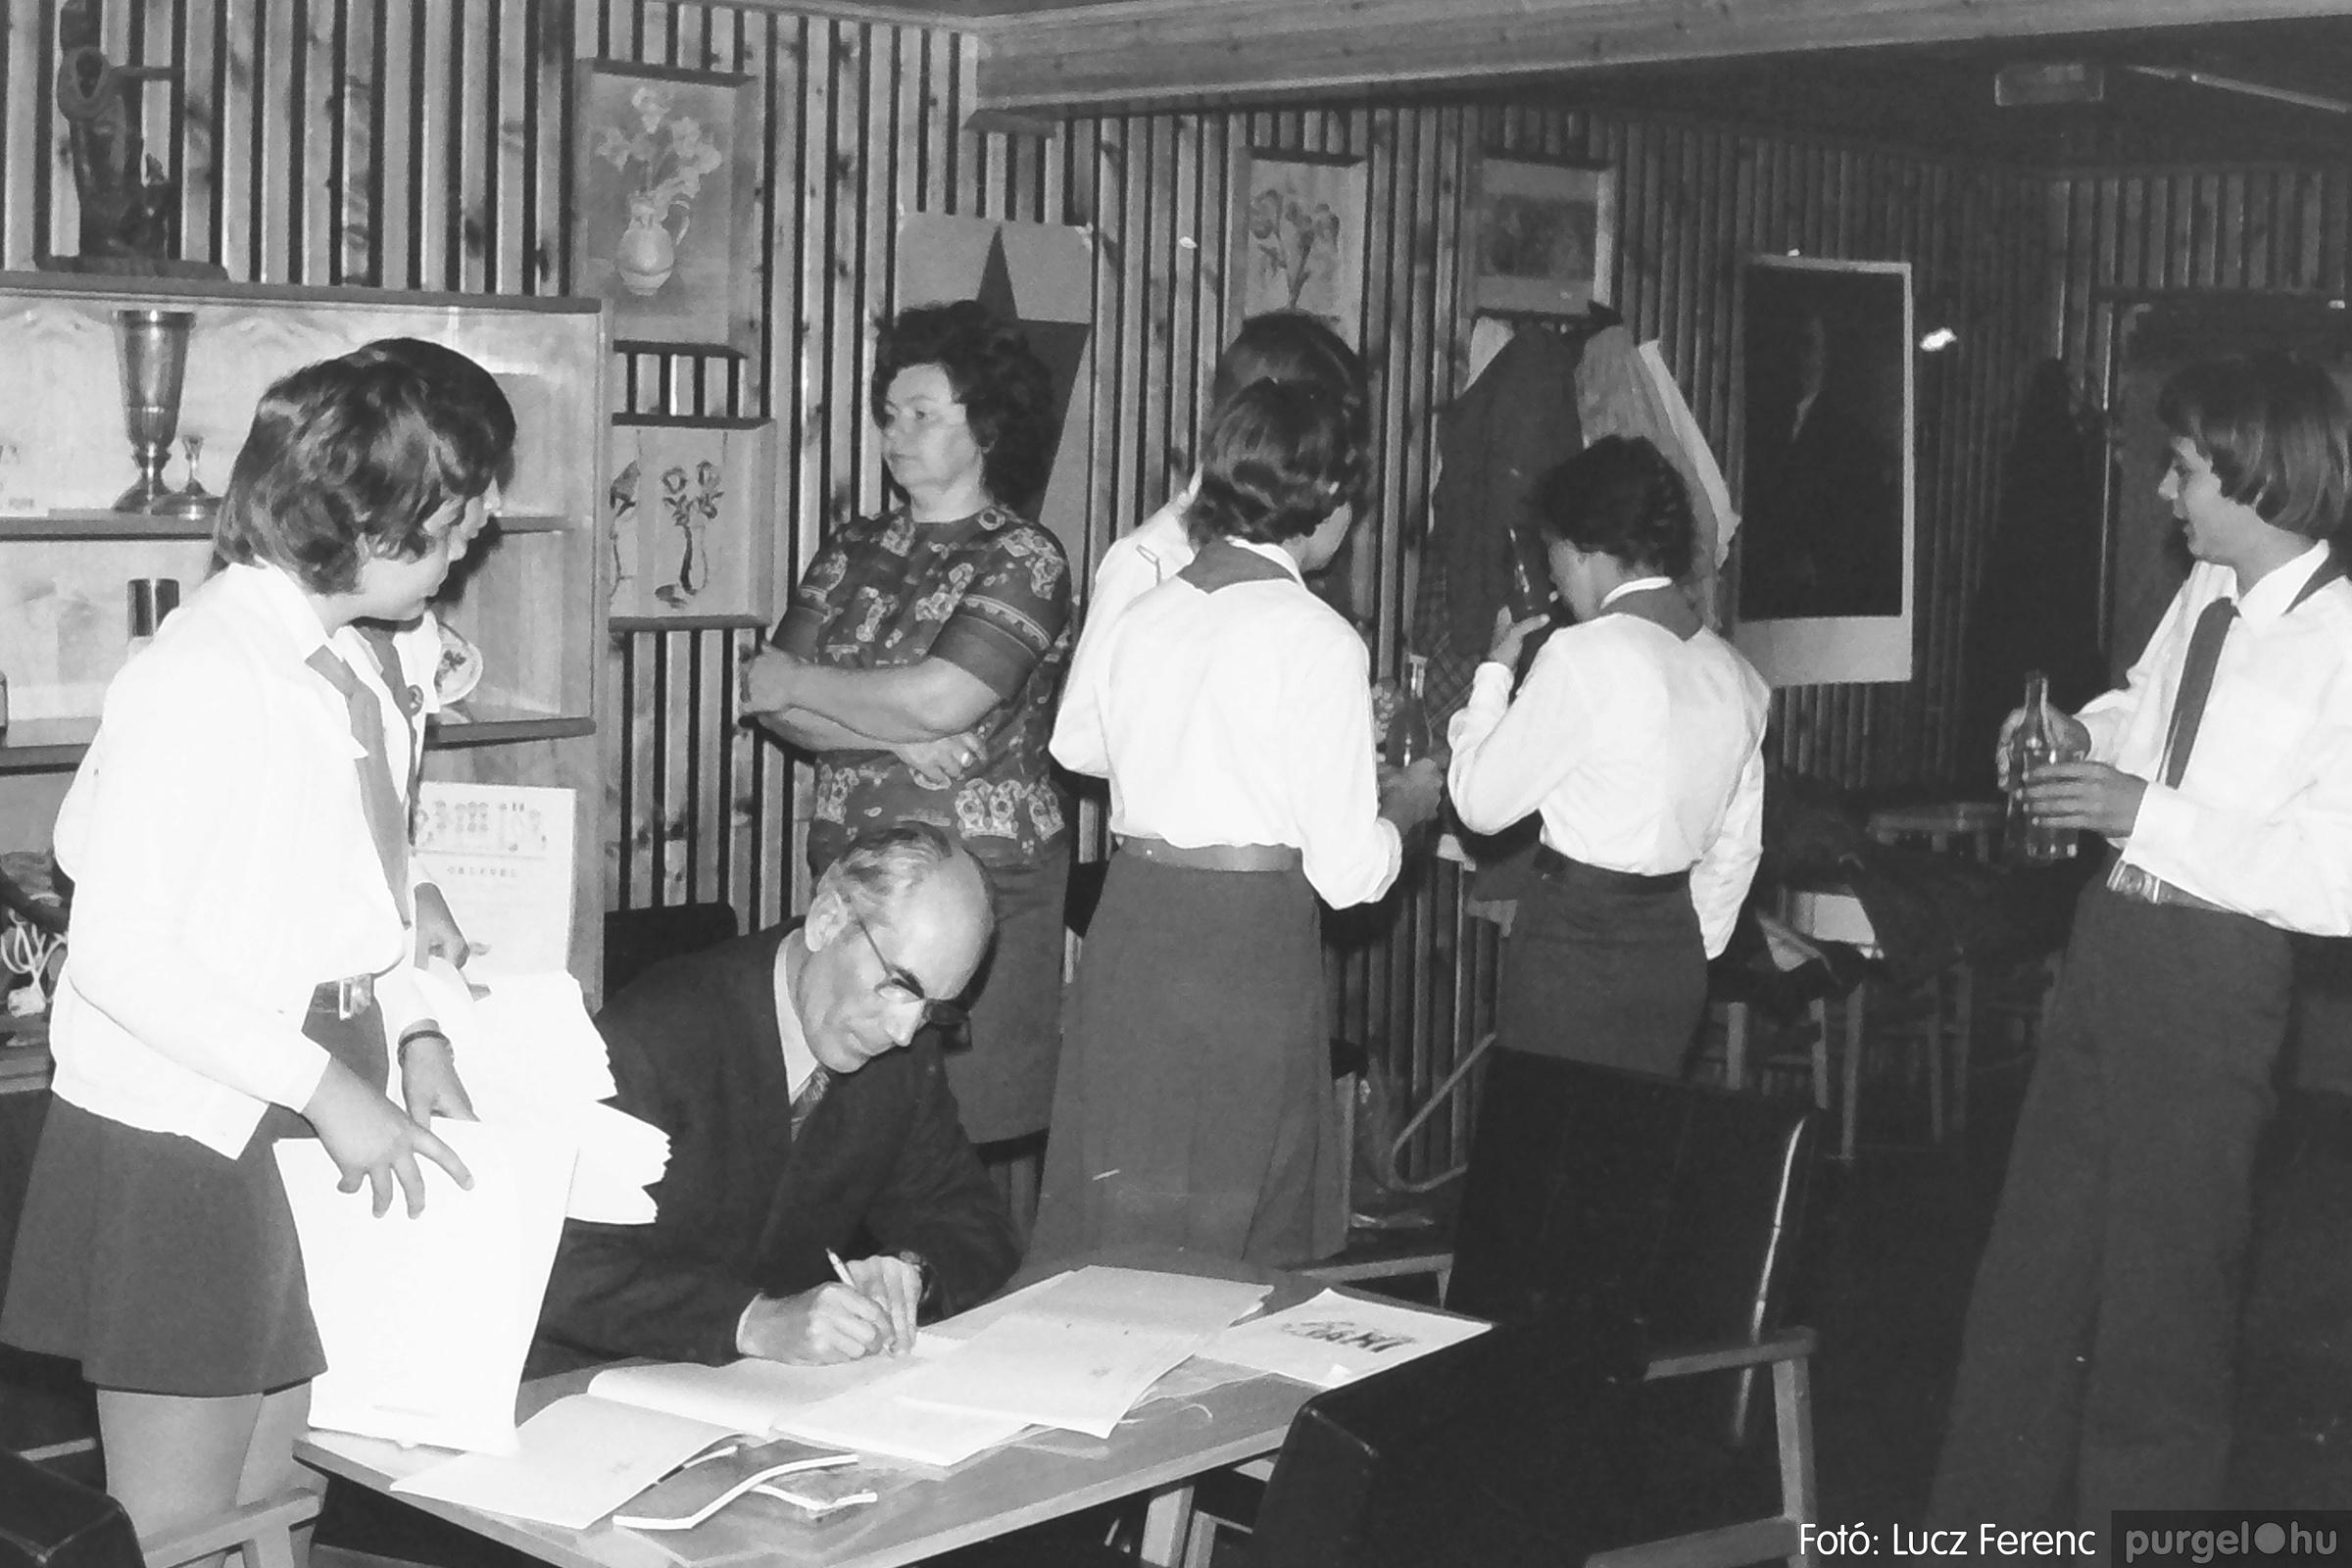 093. 1977. Szovjet katonák látogatása a nagy októberi szocialista forradalom 60. évfordulóján 004. - Fotó: Lucz Ferenc.jpg